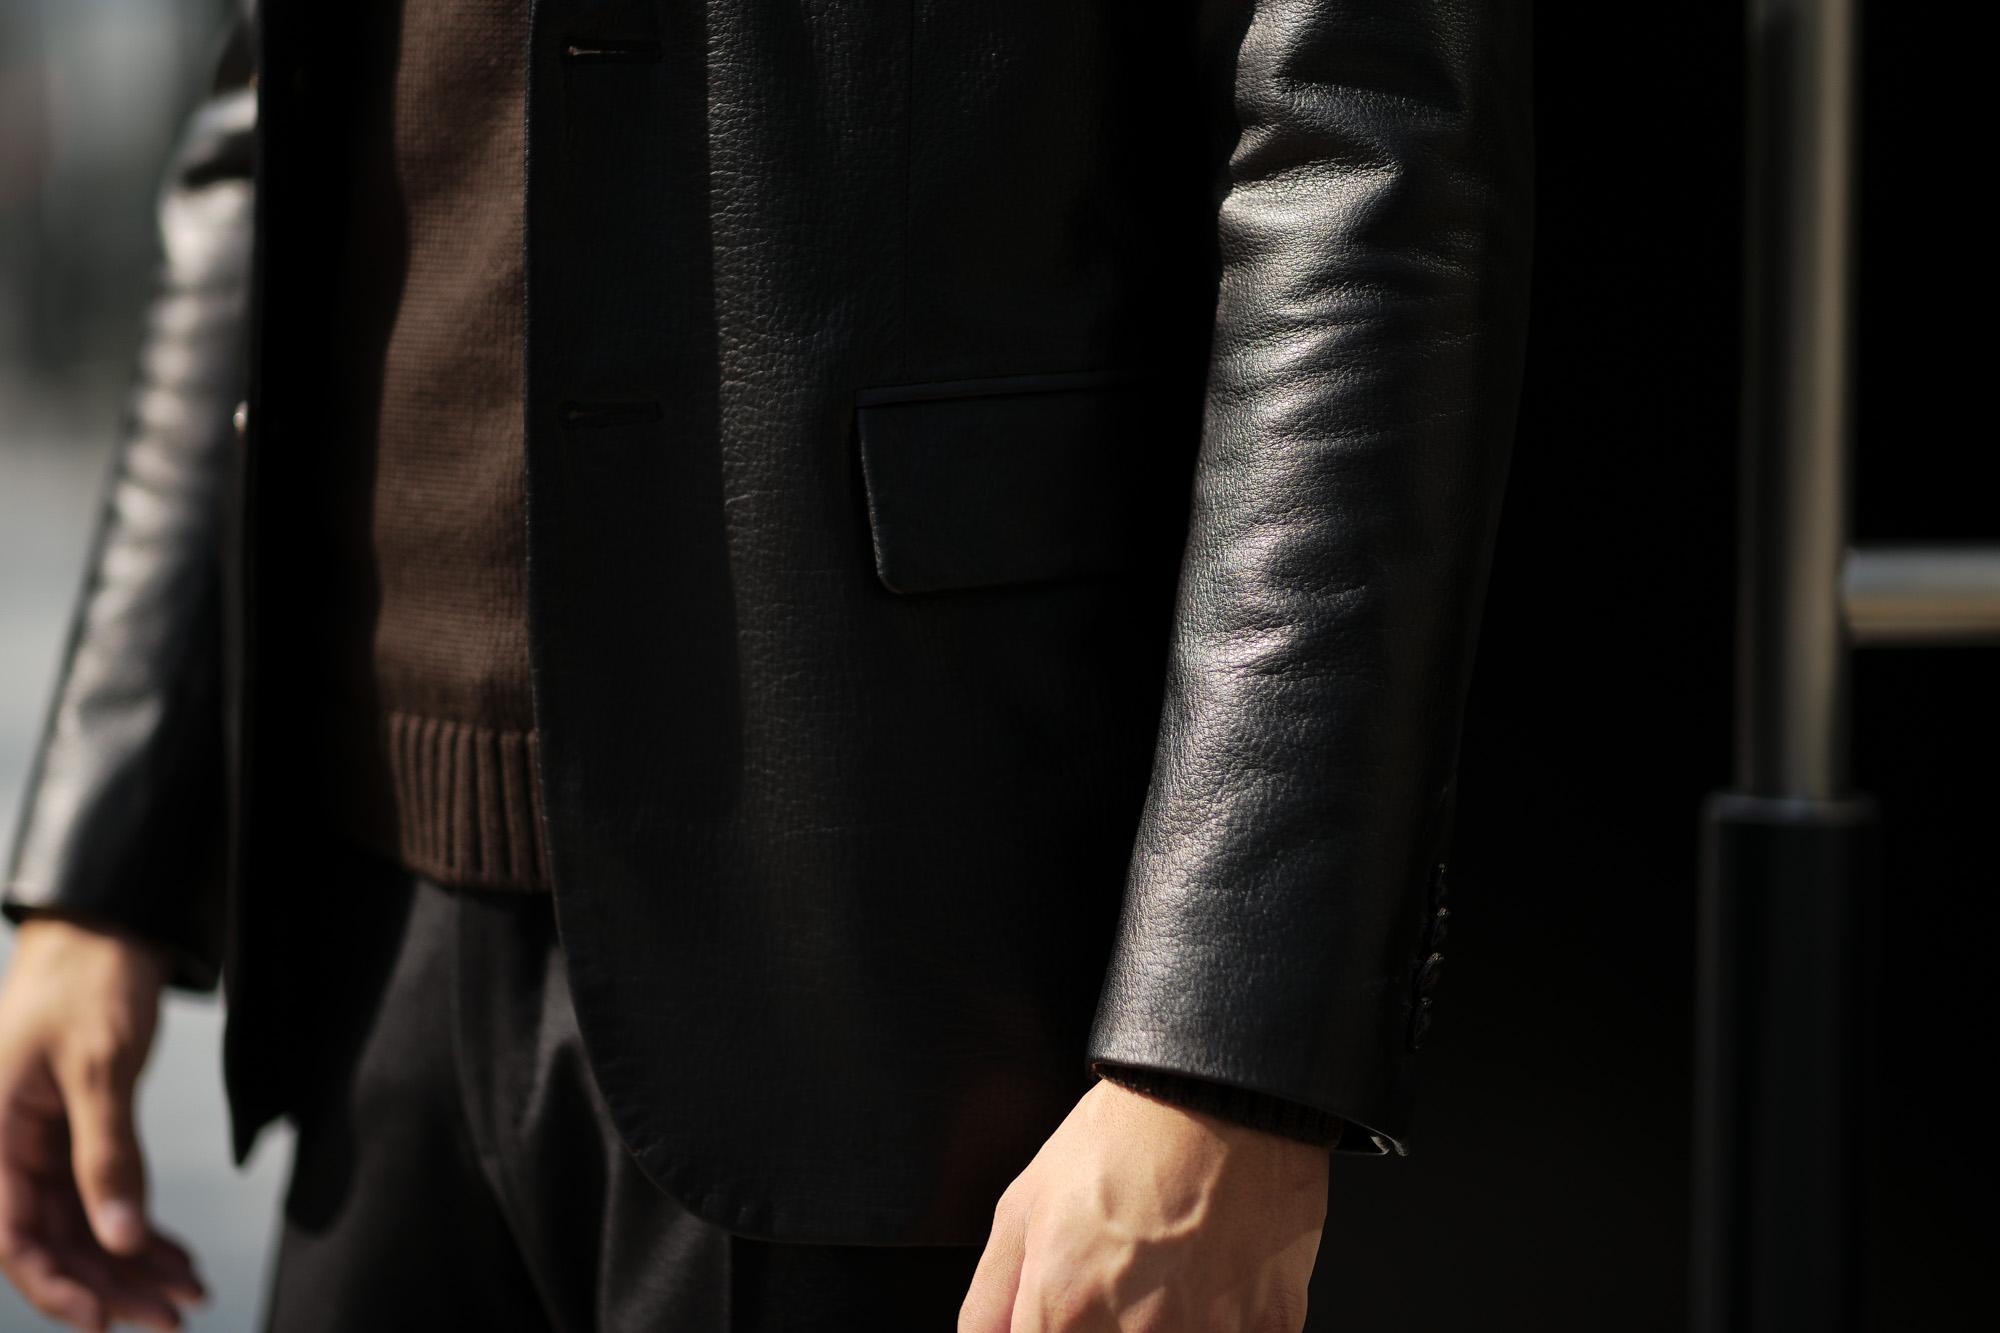 Cuervo (クエルボ) Satisfaction Leather Collection (サティスファクション レザー コレクション) LEON (レオン) BUFFALO LEATHER (バッファロー レザー) シングル テーラード ジャケット BLACK (ブラック) MADE IN JAPAN (日本製) 2019 秋冬 【ご予約受付中】 愛知 名古屋 altoediritto アルトエデリット